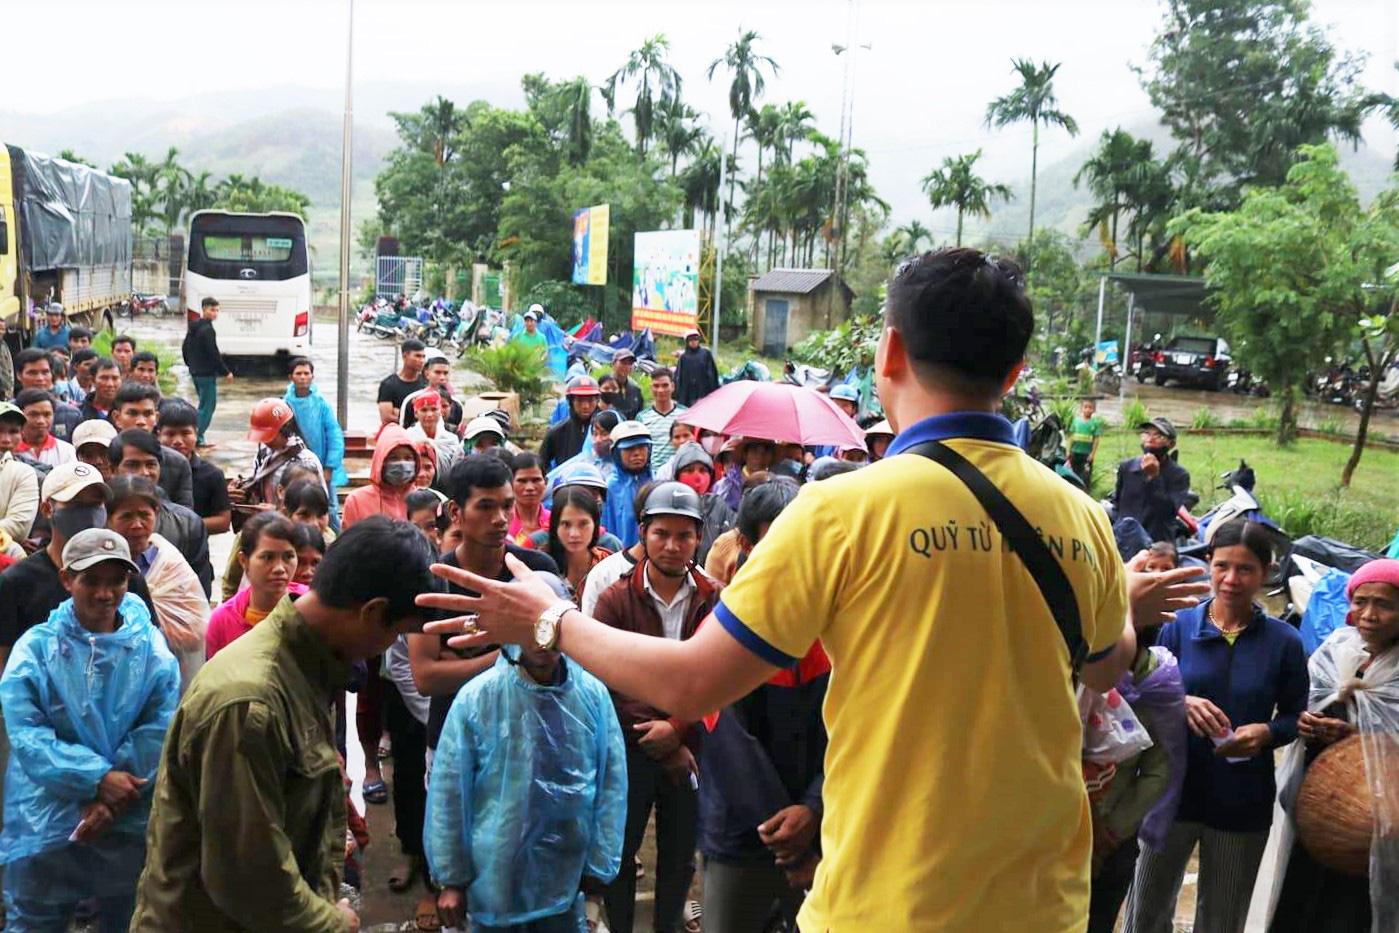 Trên 2,3 tỉ đồng hỗ trợ bà con Quảng Ngãi khắc phục thiệt hại bão lũ - Ảnh 6.